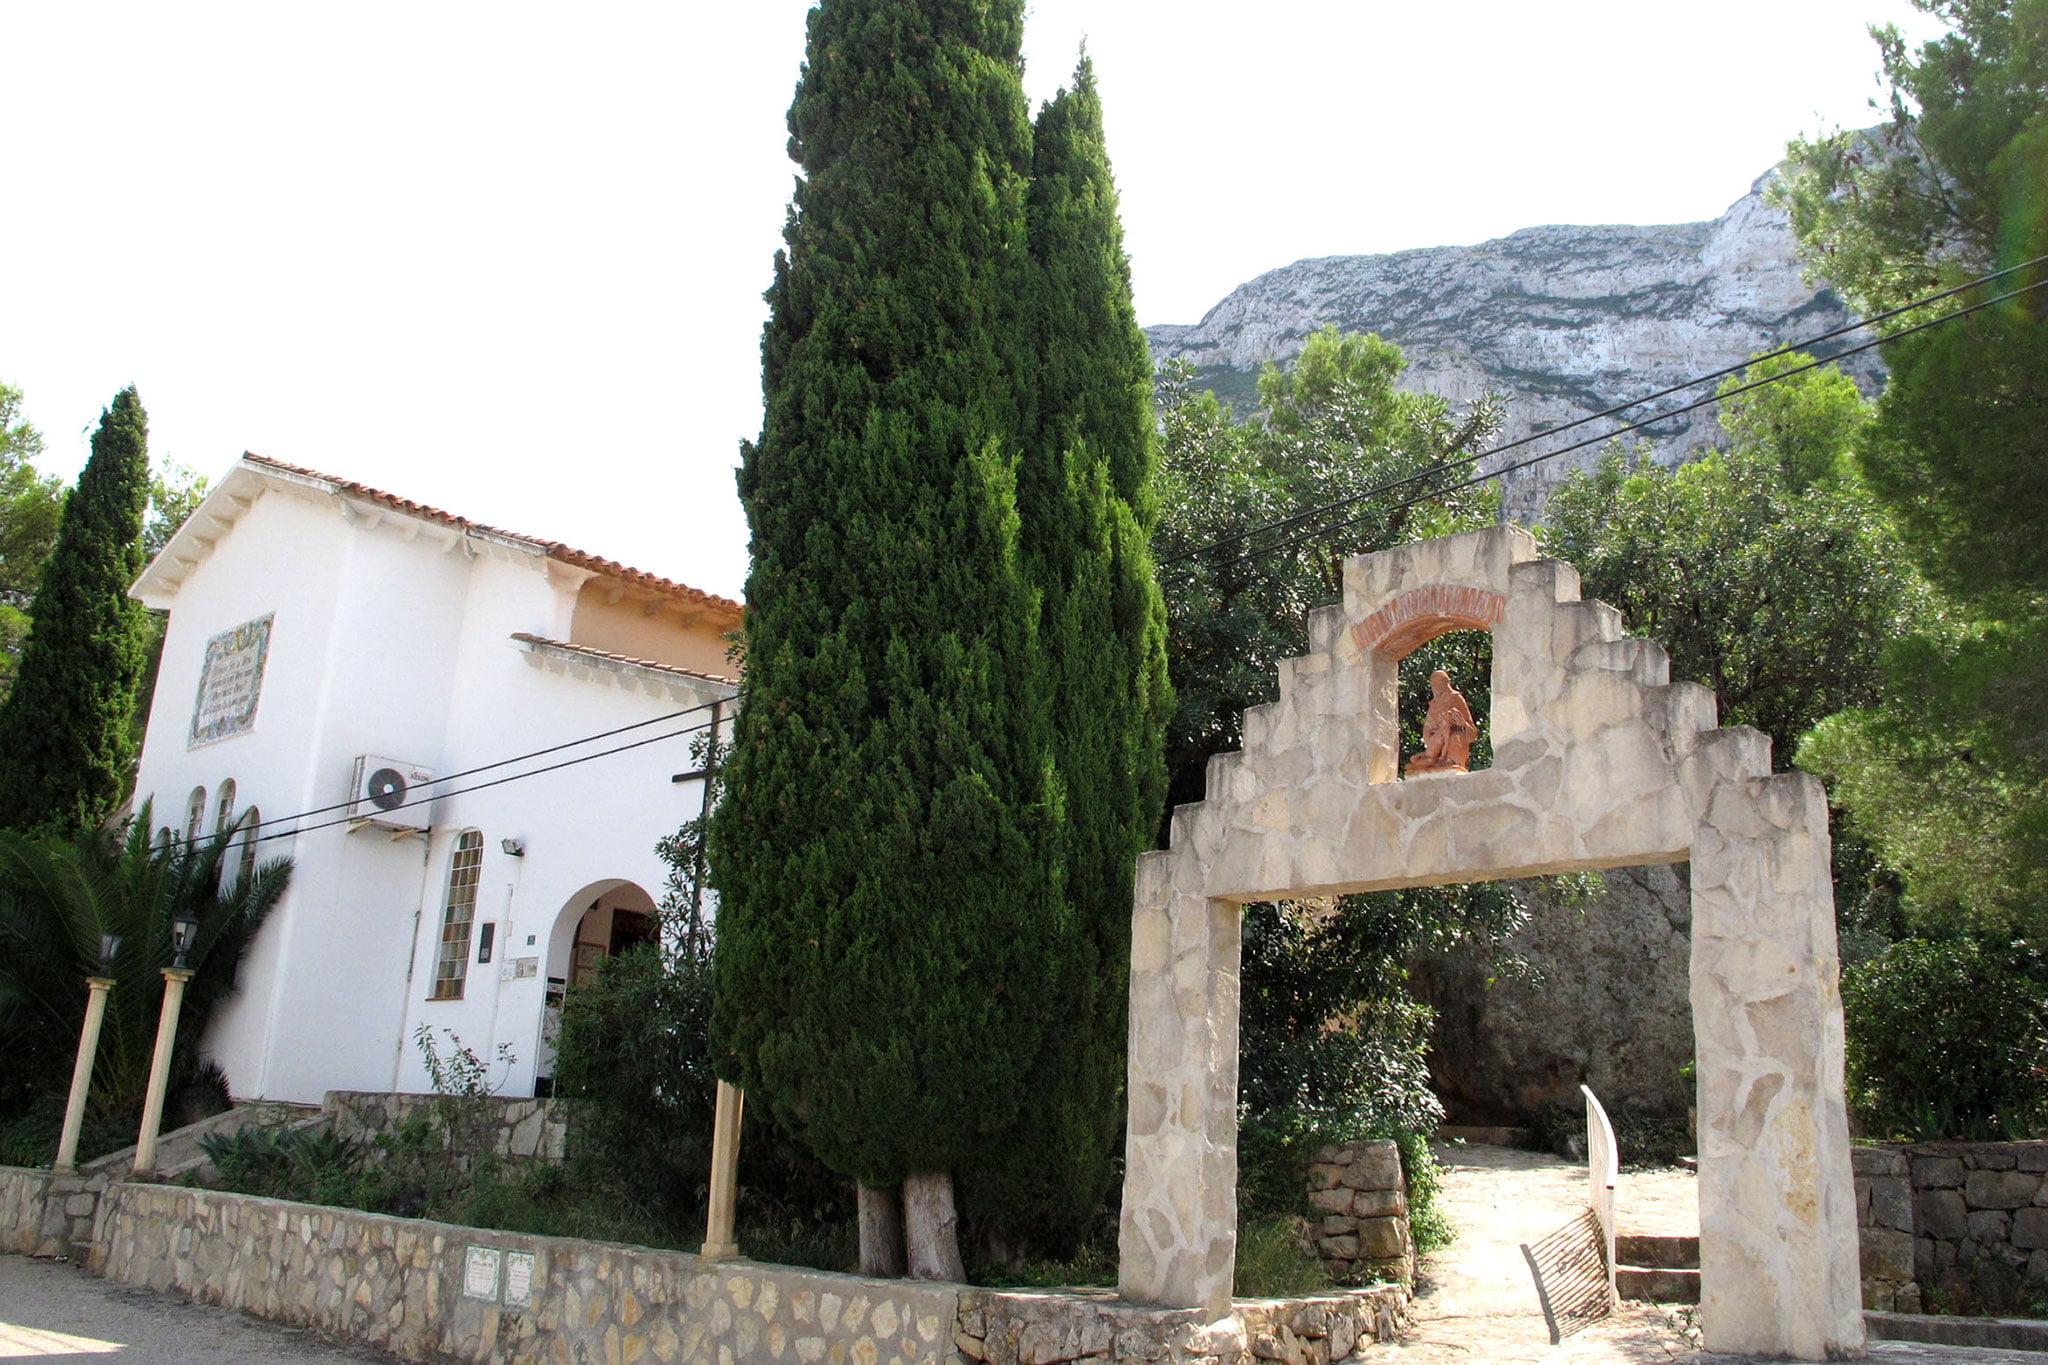 Portal exterior de la ermita del Pare Pere en Dénia | Imagen: Tino Calvo